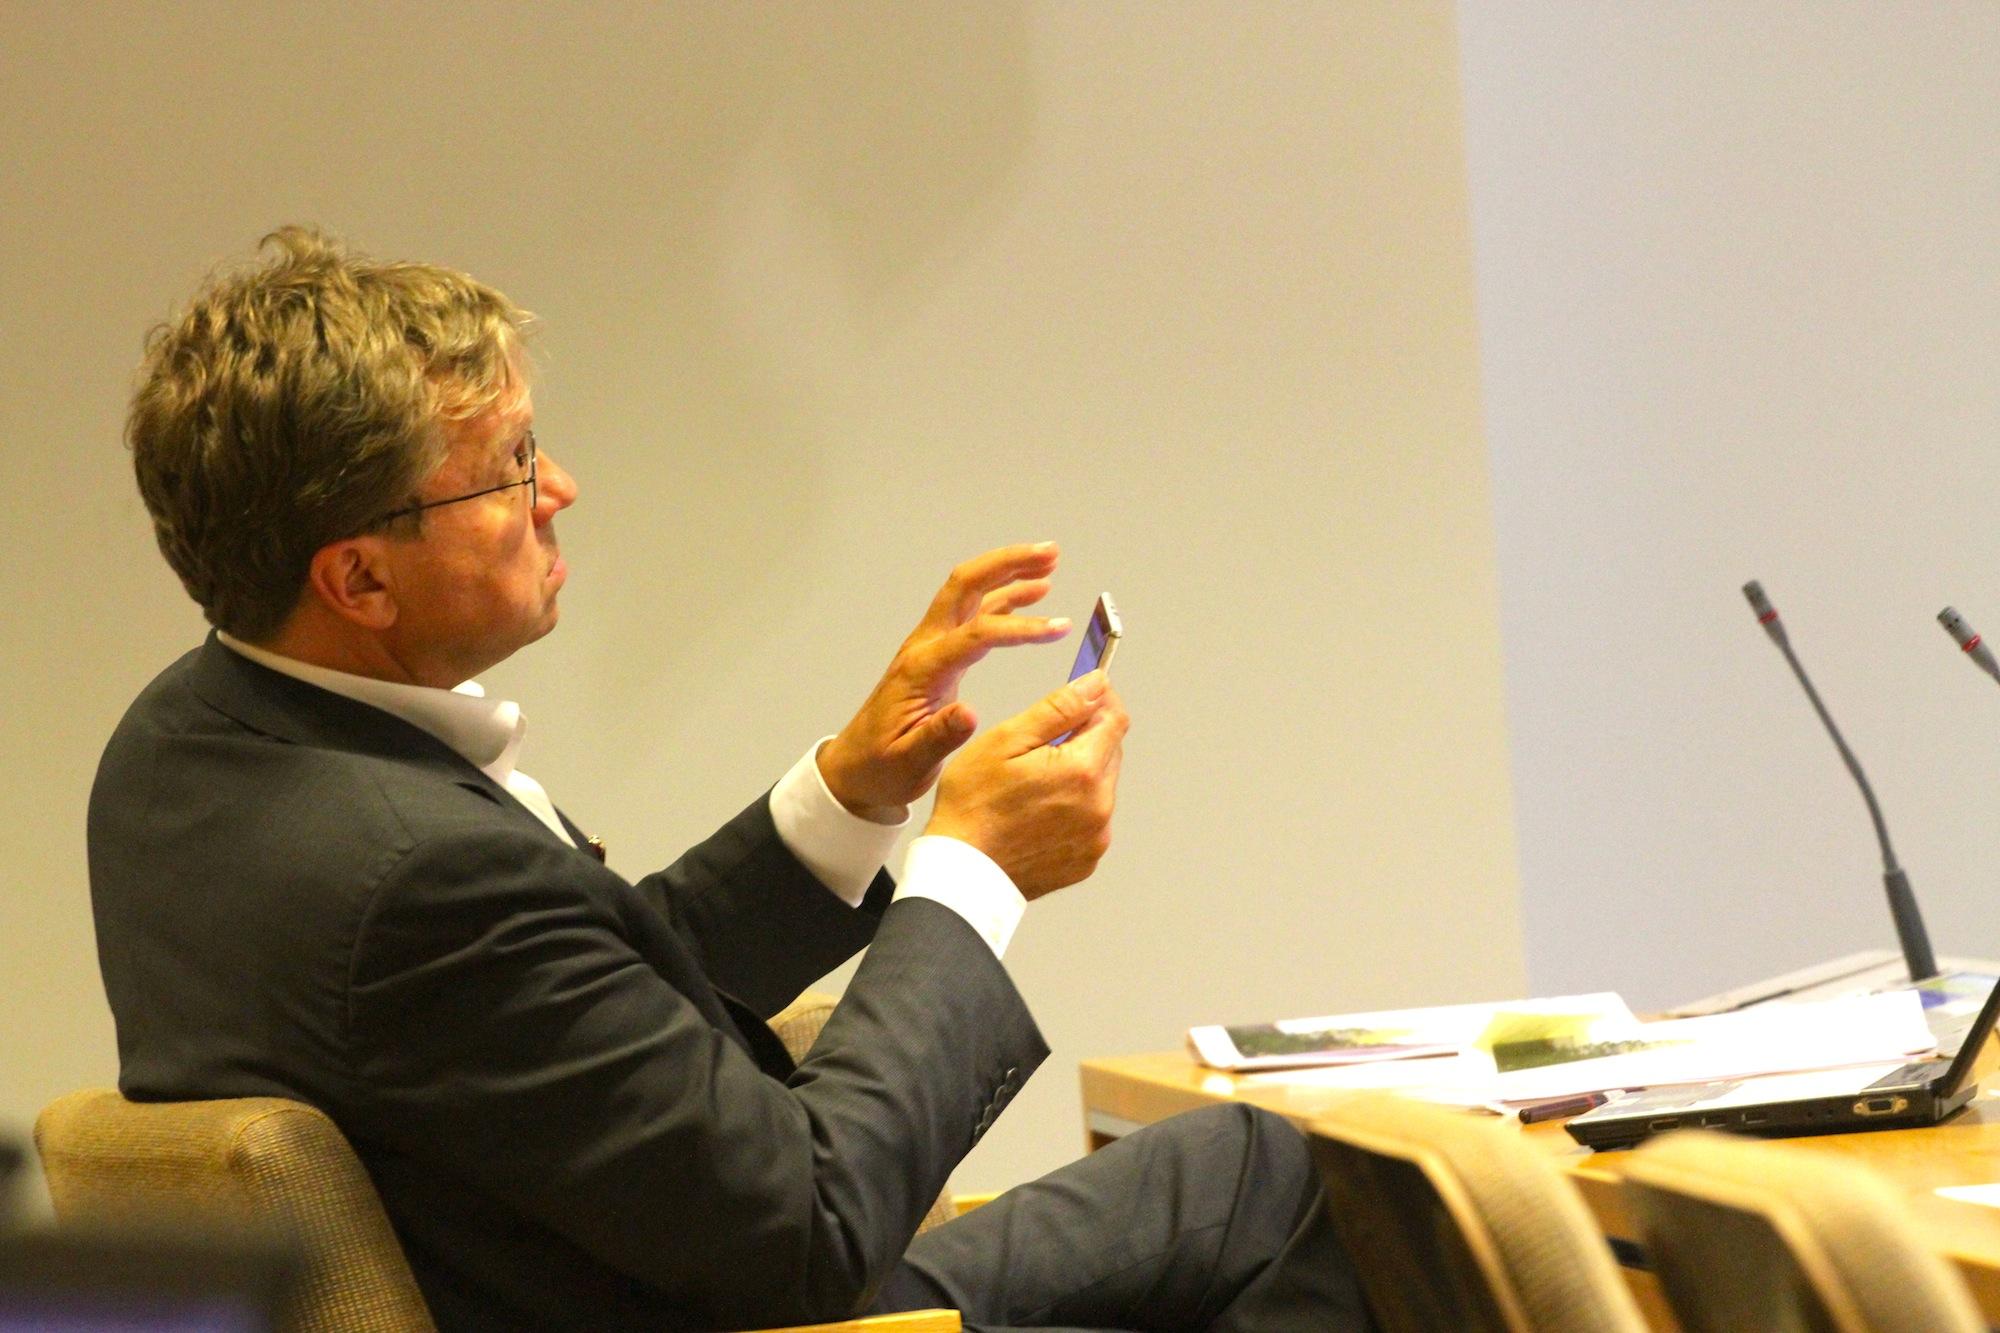 Pekka Sauri on aktiivisimpia kuntapäättäjiä sosiaalisessa mediassa. Siellä hän kertoi pormestariaikeistaankin. (Kuva: Ville Miettinen)